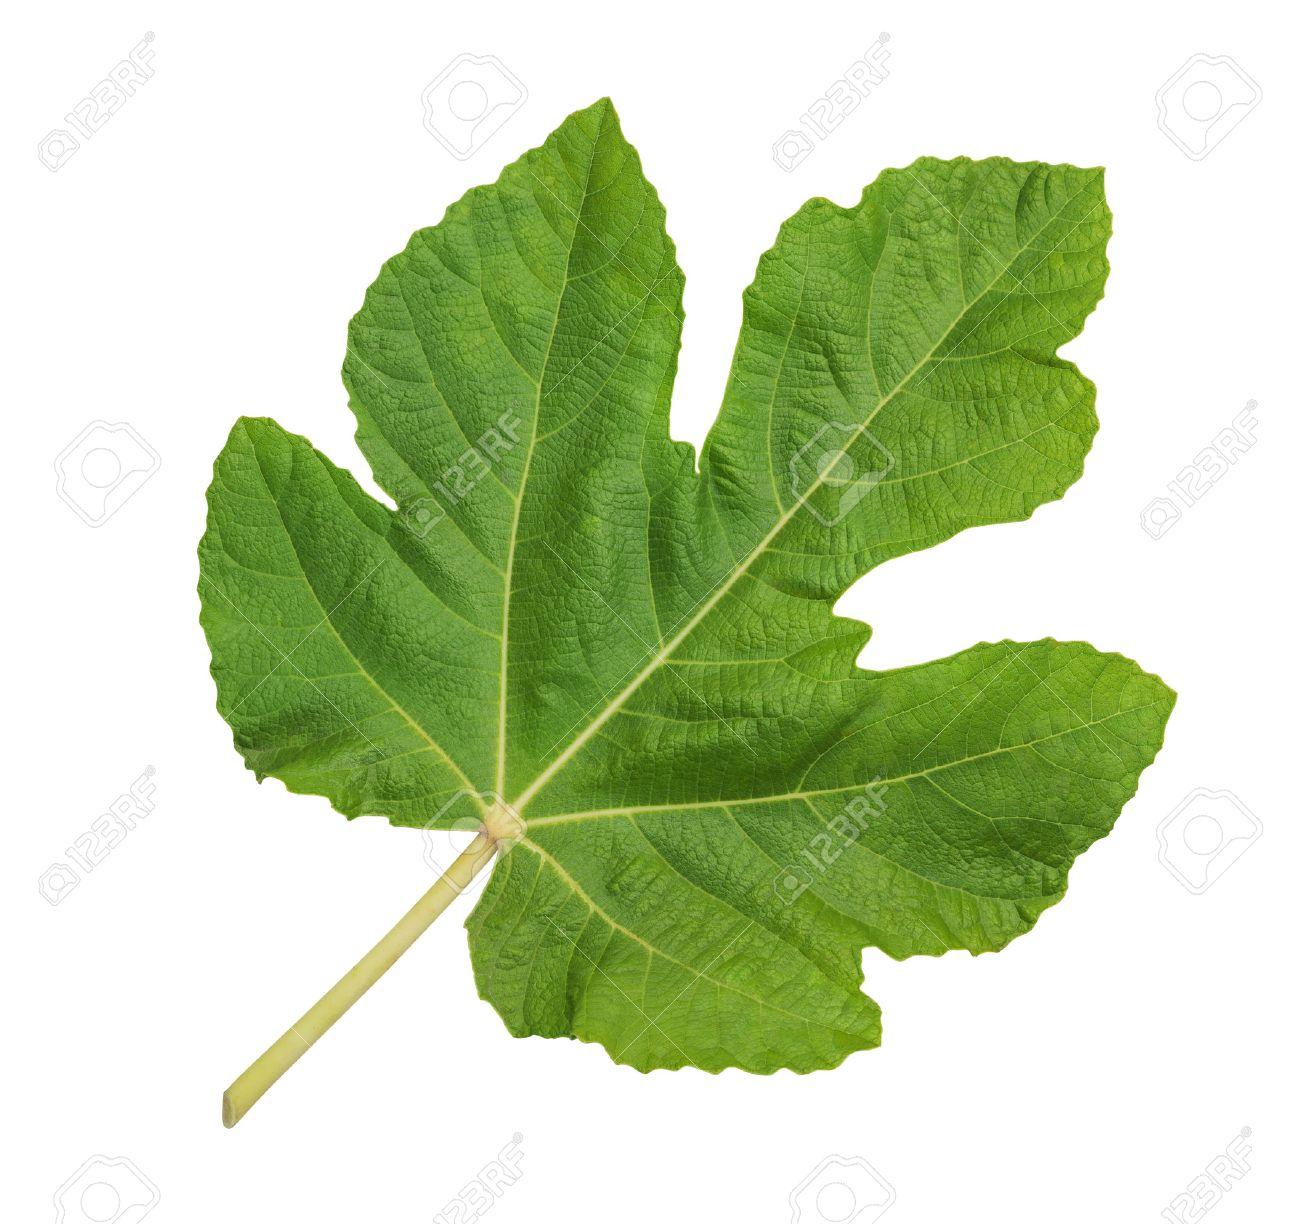 Fig leaf images 10